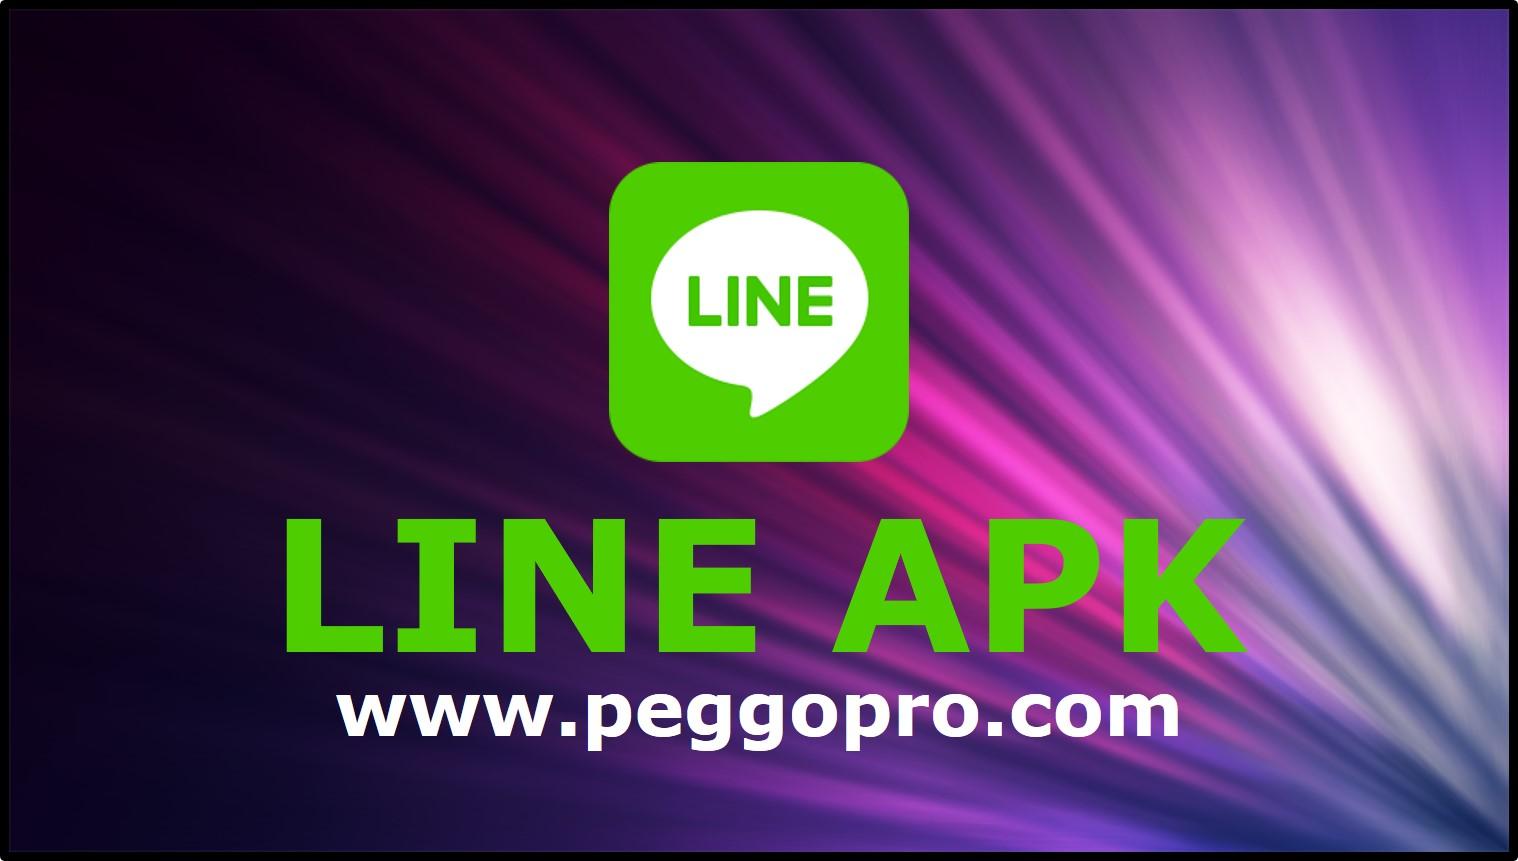 line apk